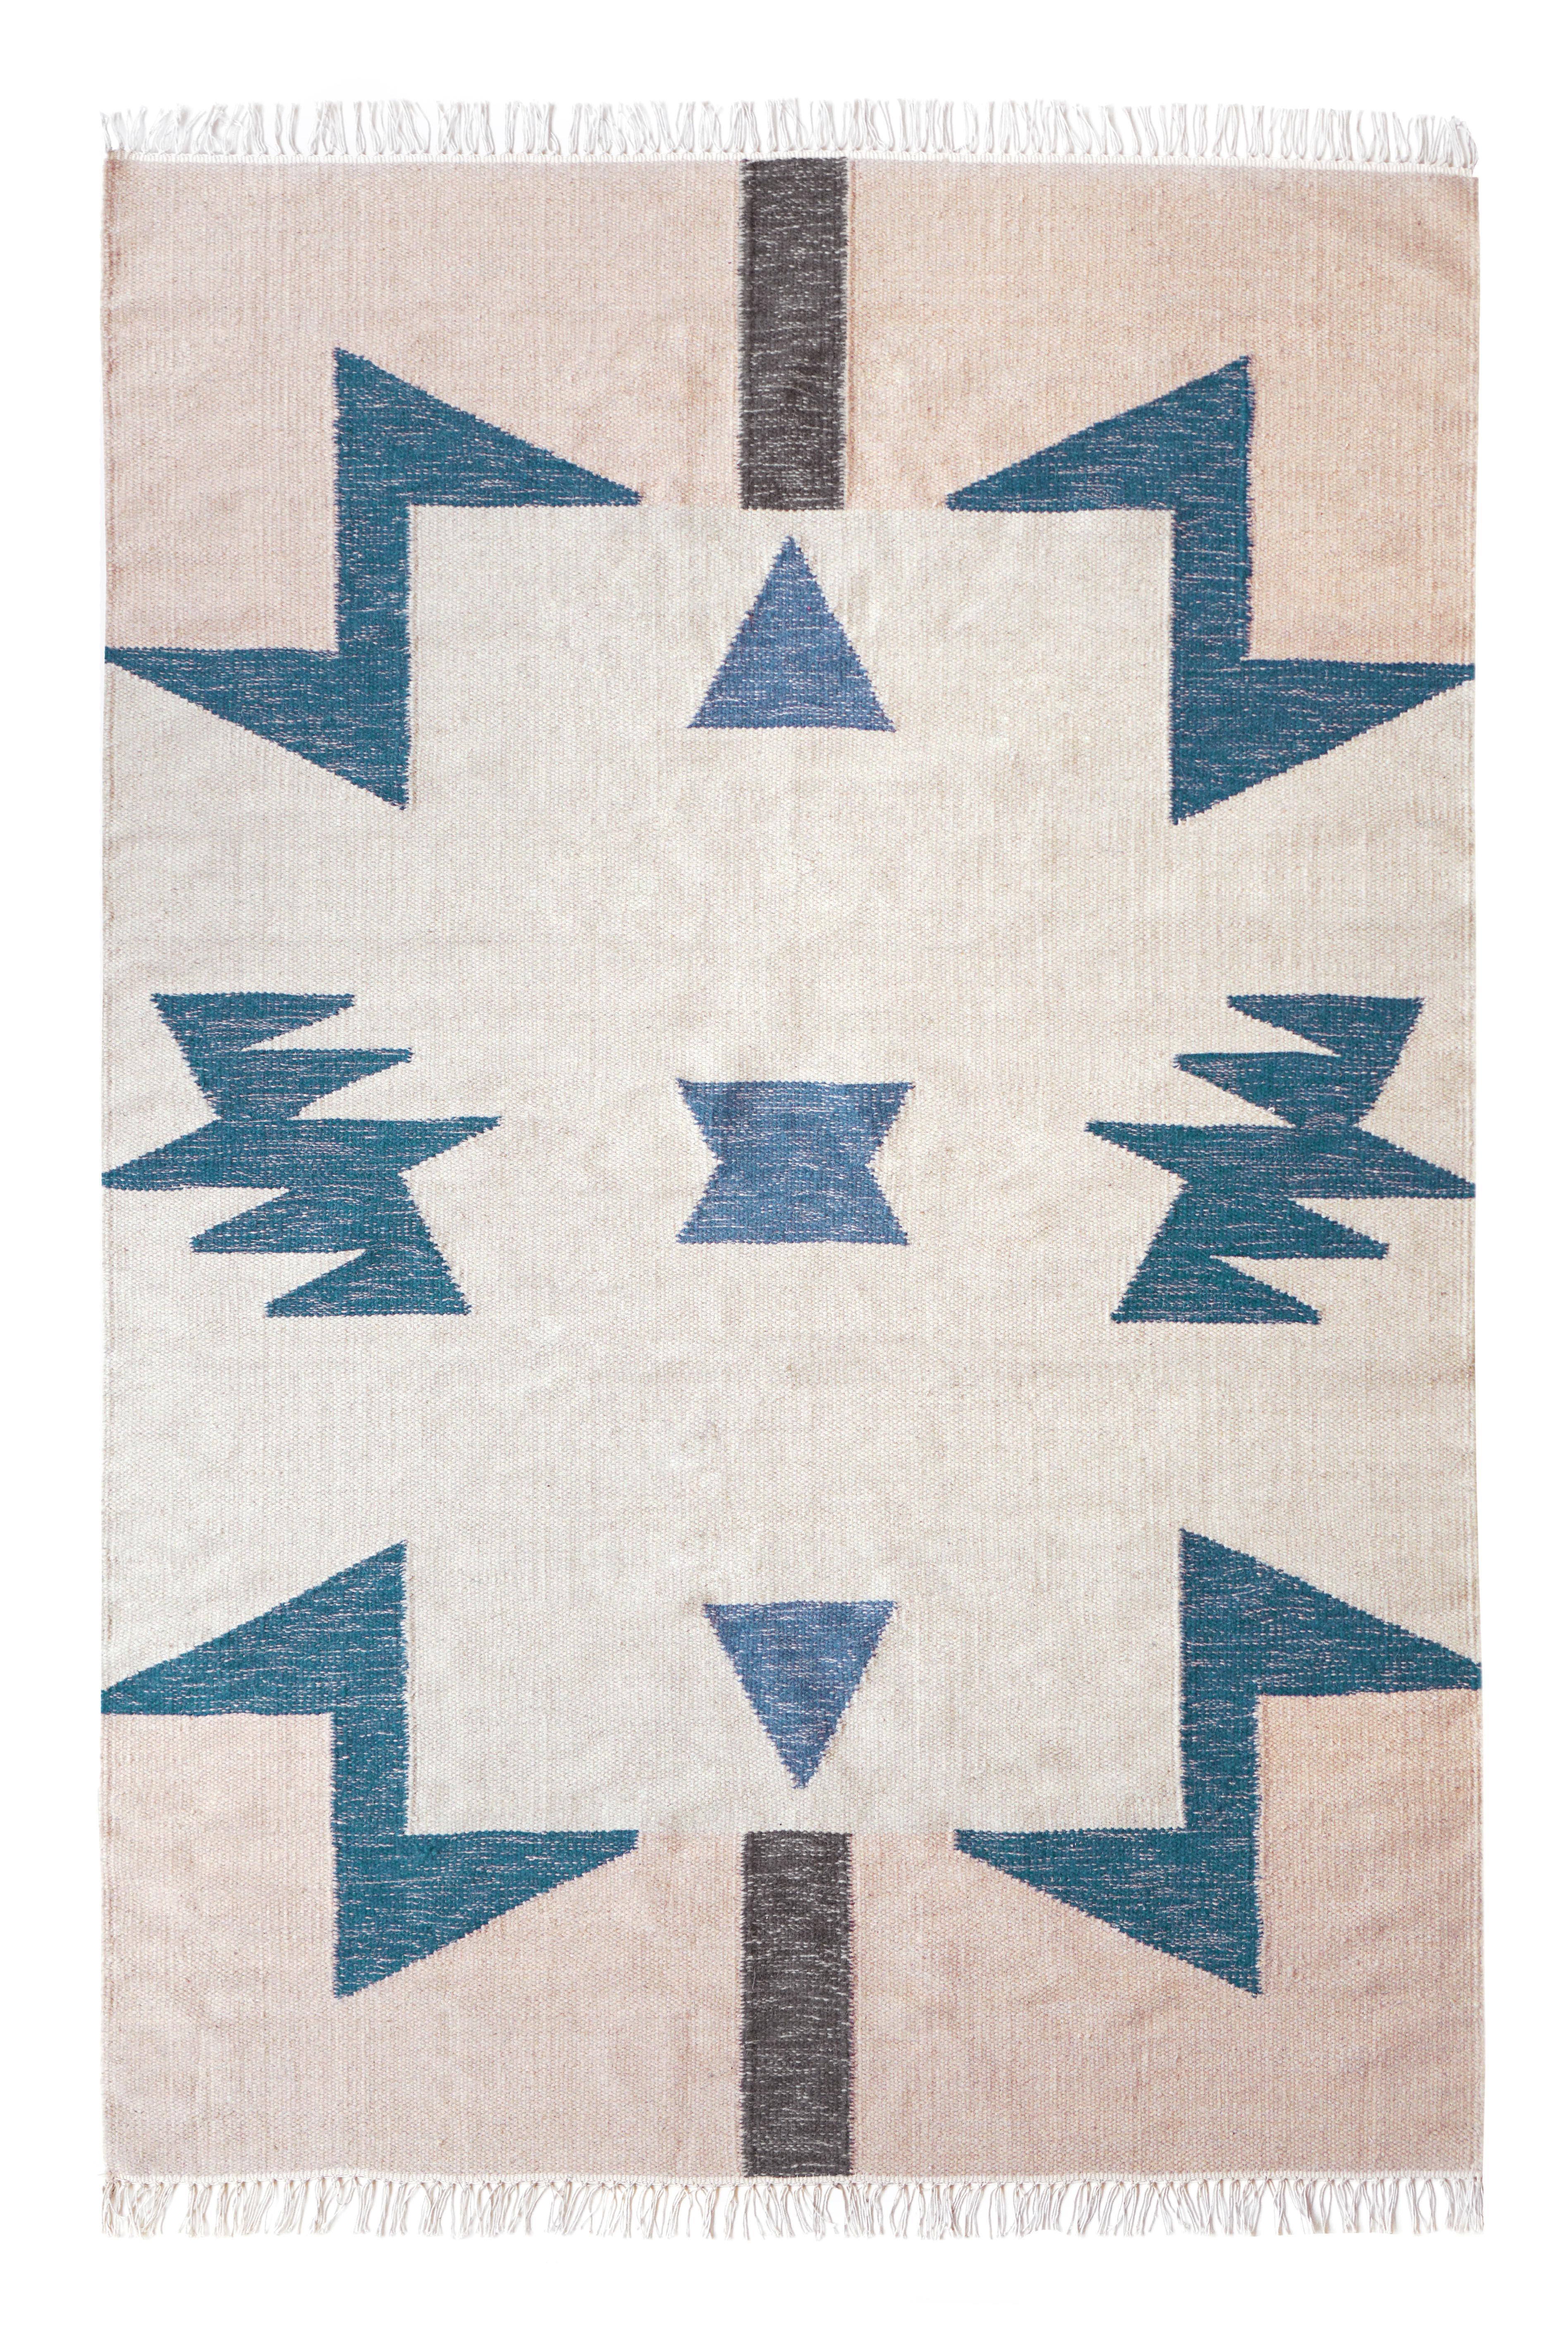 Déco - Tapis - Tapis Kelim Blue Triangles / 200 x 140 cm - Ferm Living - 200 x 140 cm / Multicolore - Coton, Laine